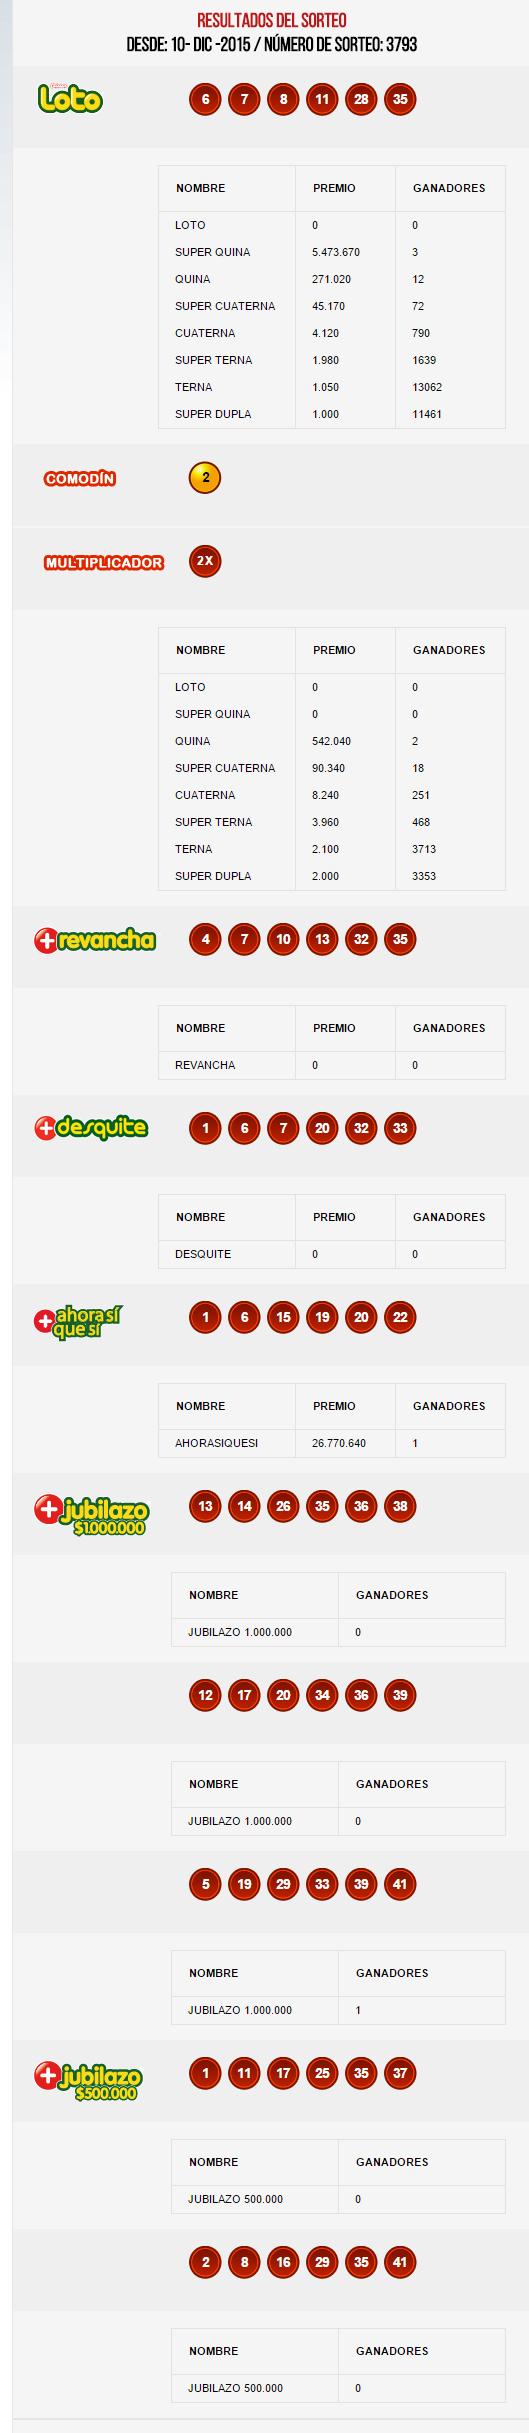 resultados-loto-sorteo-3793